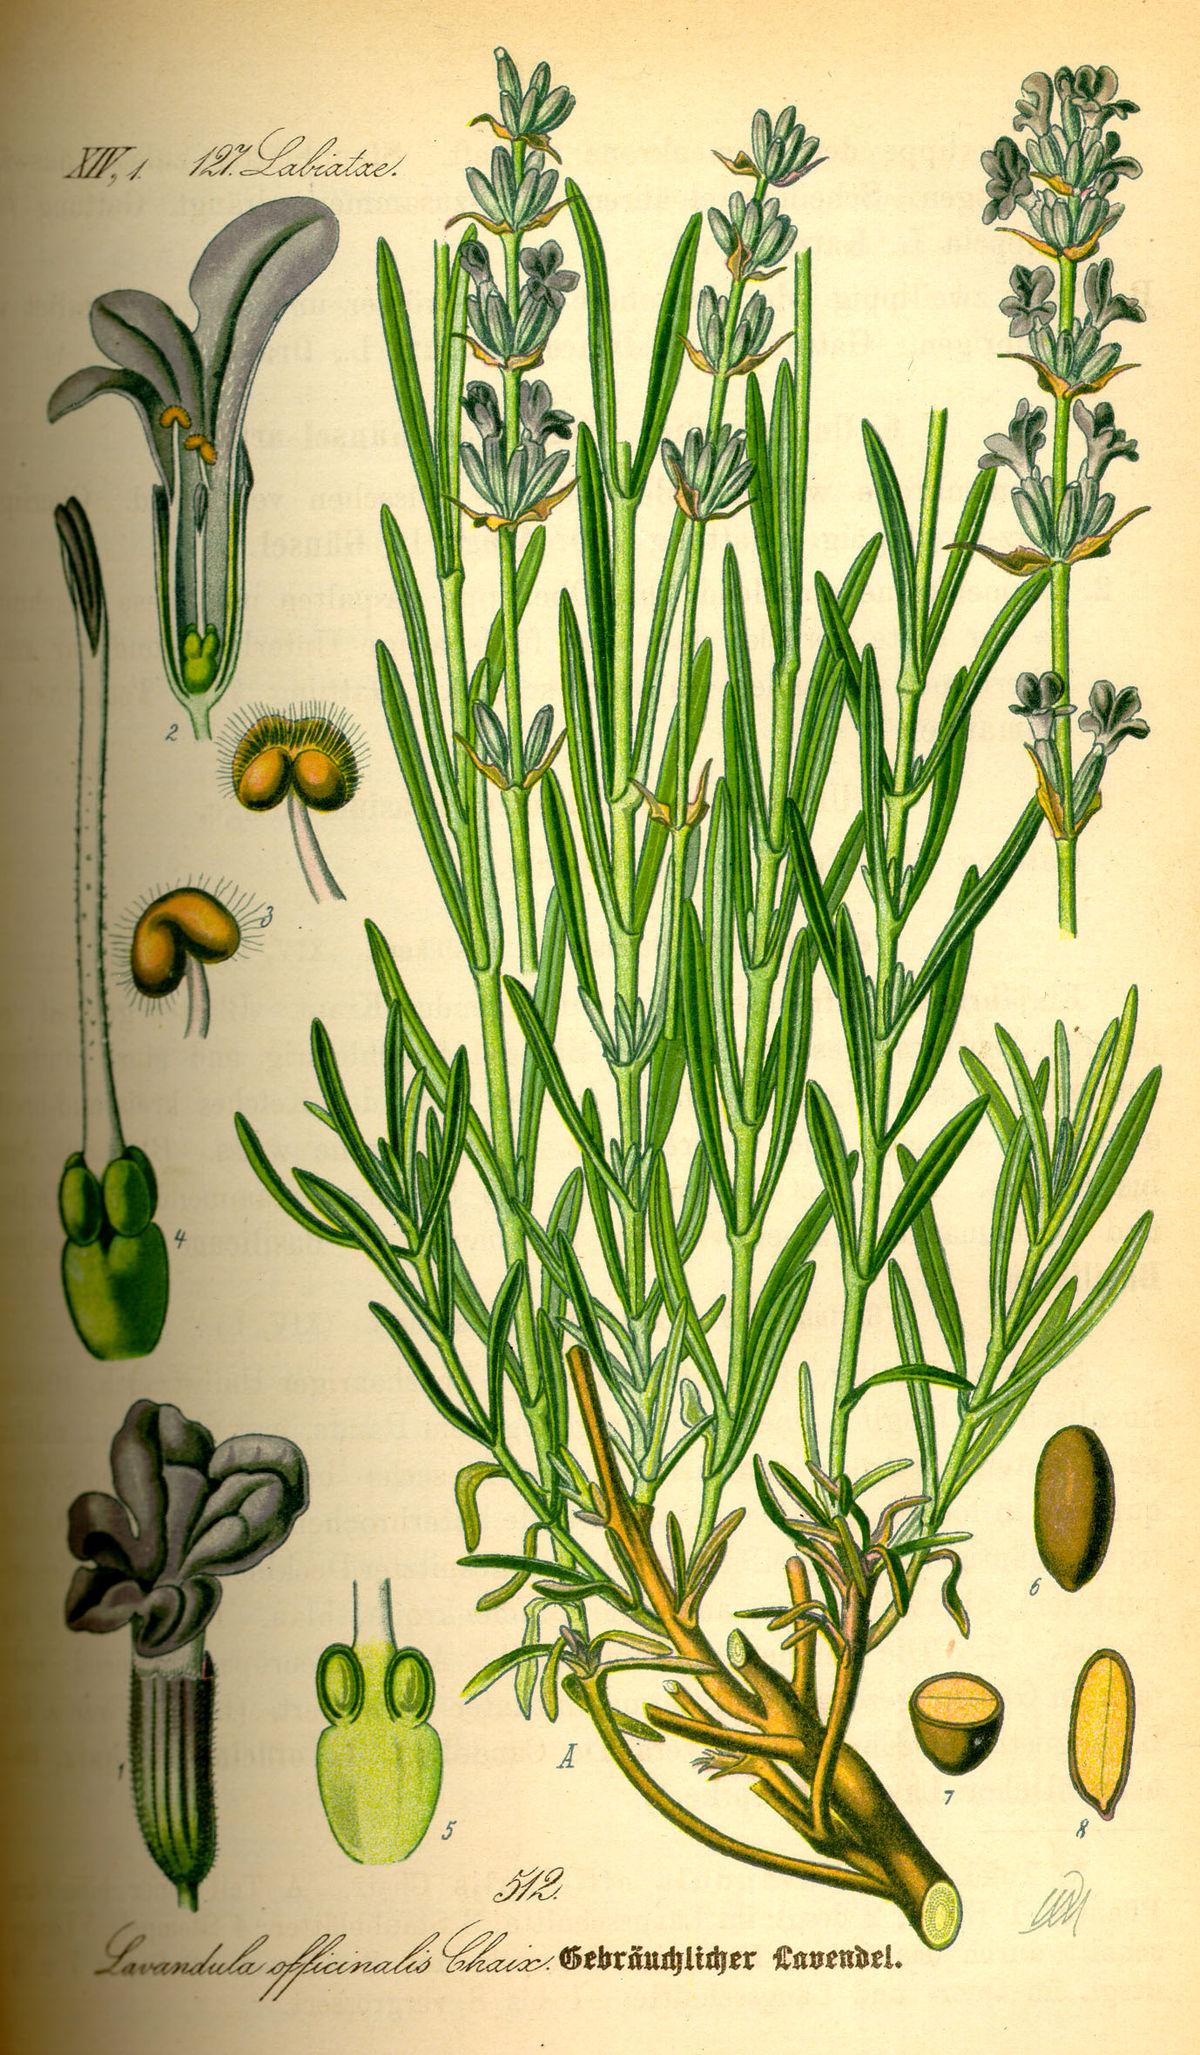 Lavandula Angustifolia Wikispecies